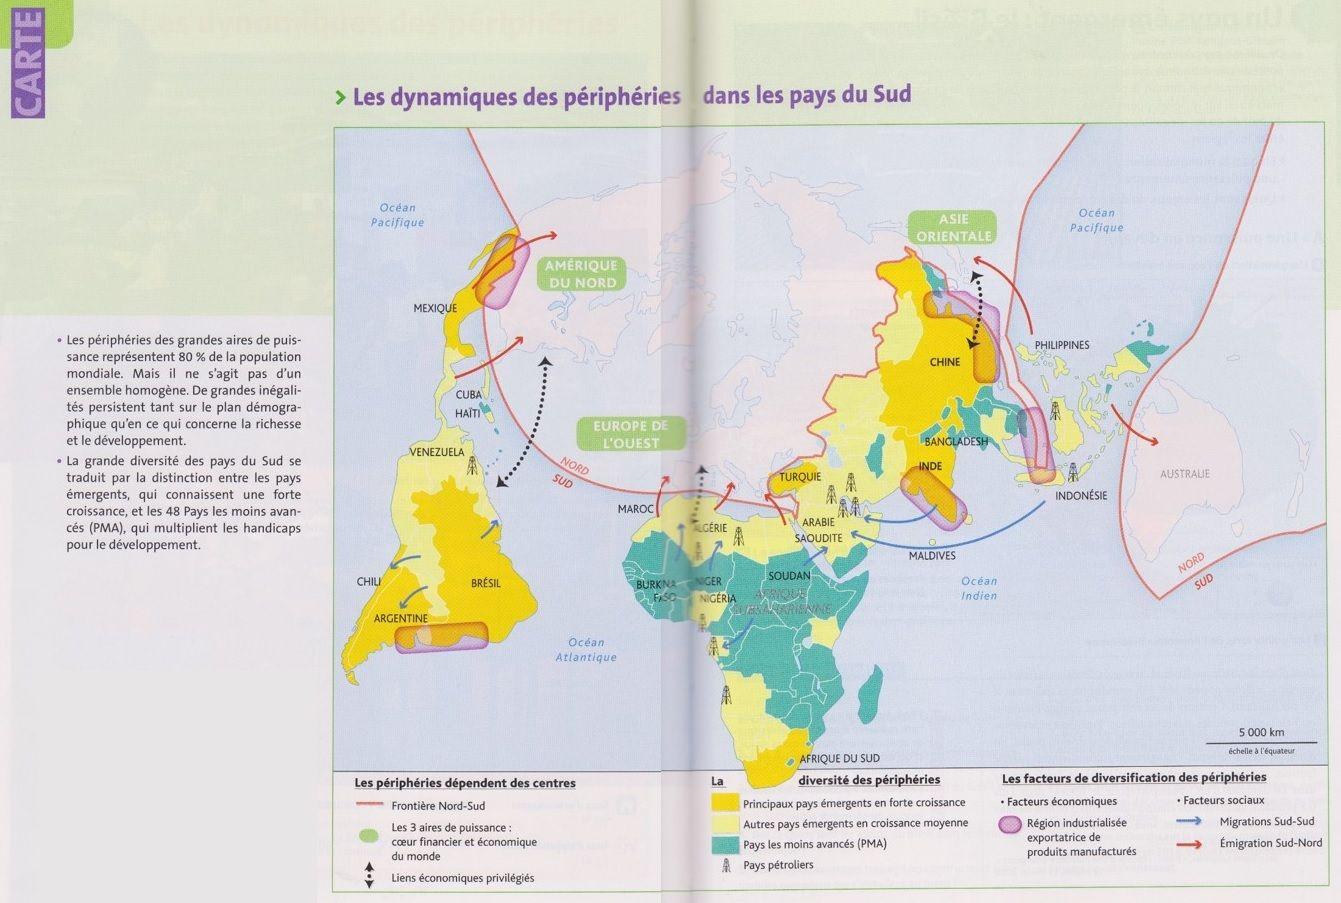 PBacPro-G4 : Carte sur les dynamiques des périphéries dans les pays du Sud.